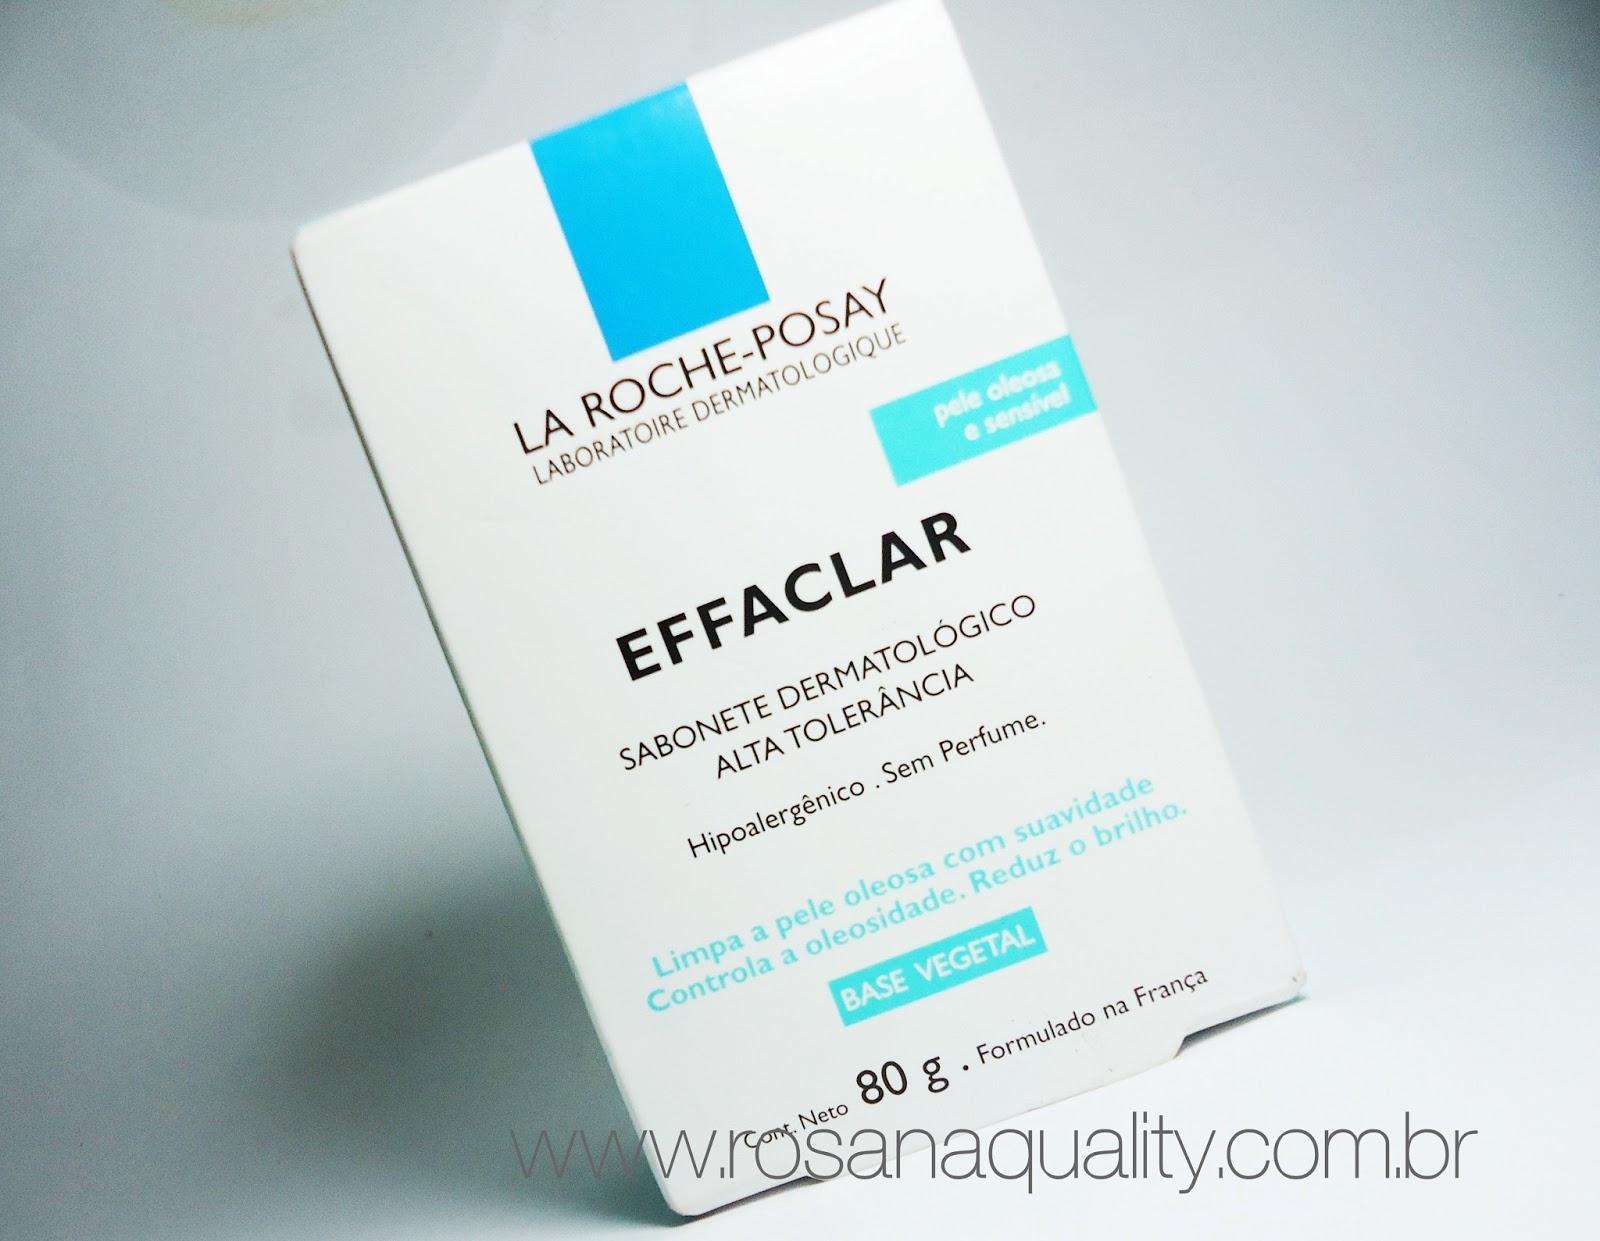 Sabonete Effaclar La Roche Posay